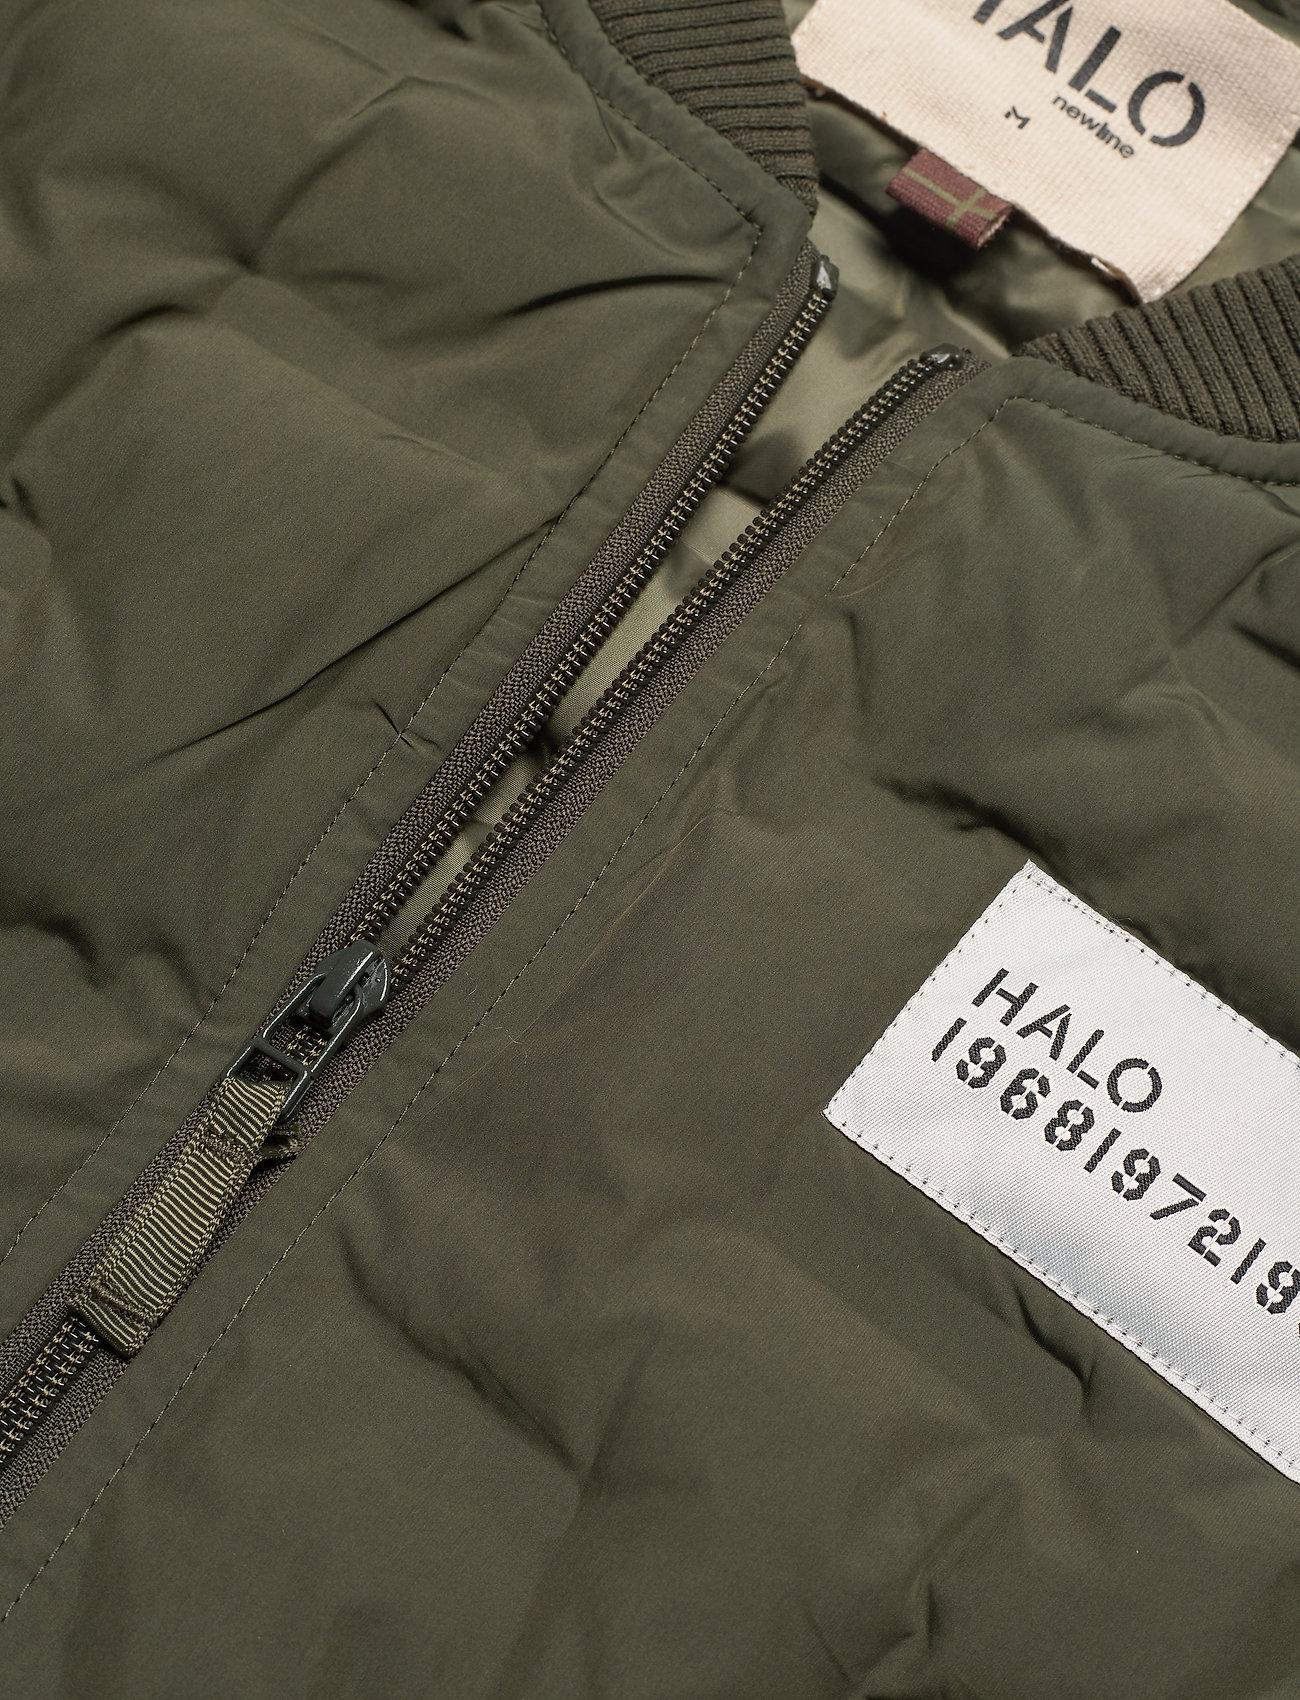 Halo Quilted Gilet - Jackor & Rockar Olivine